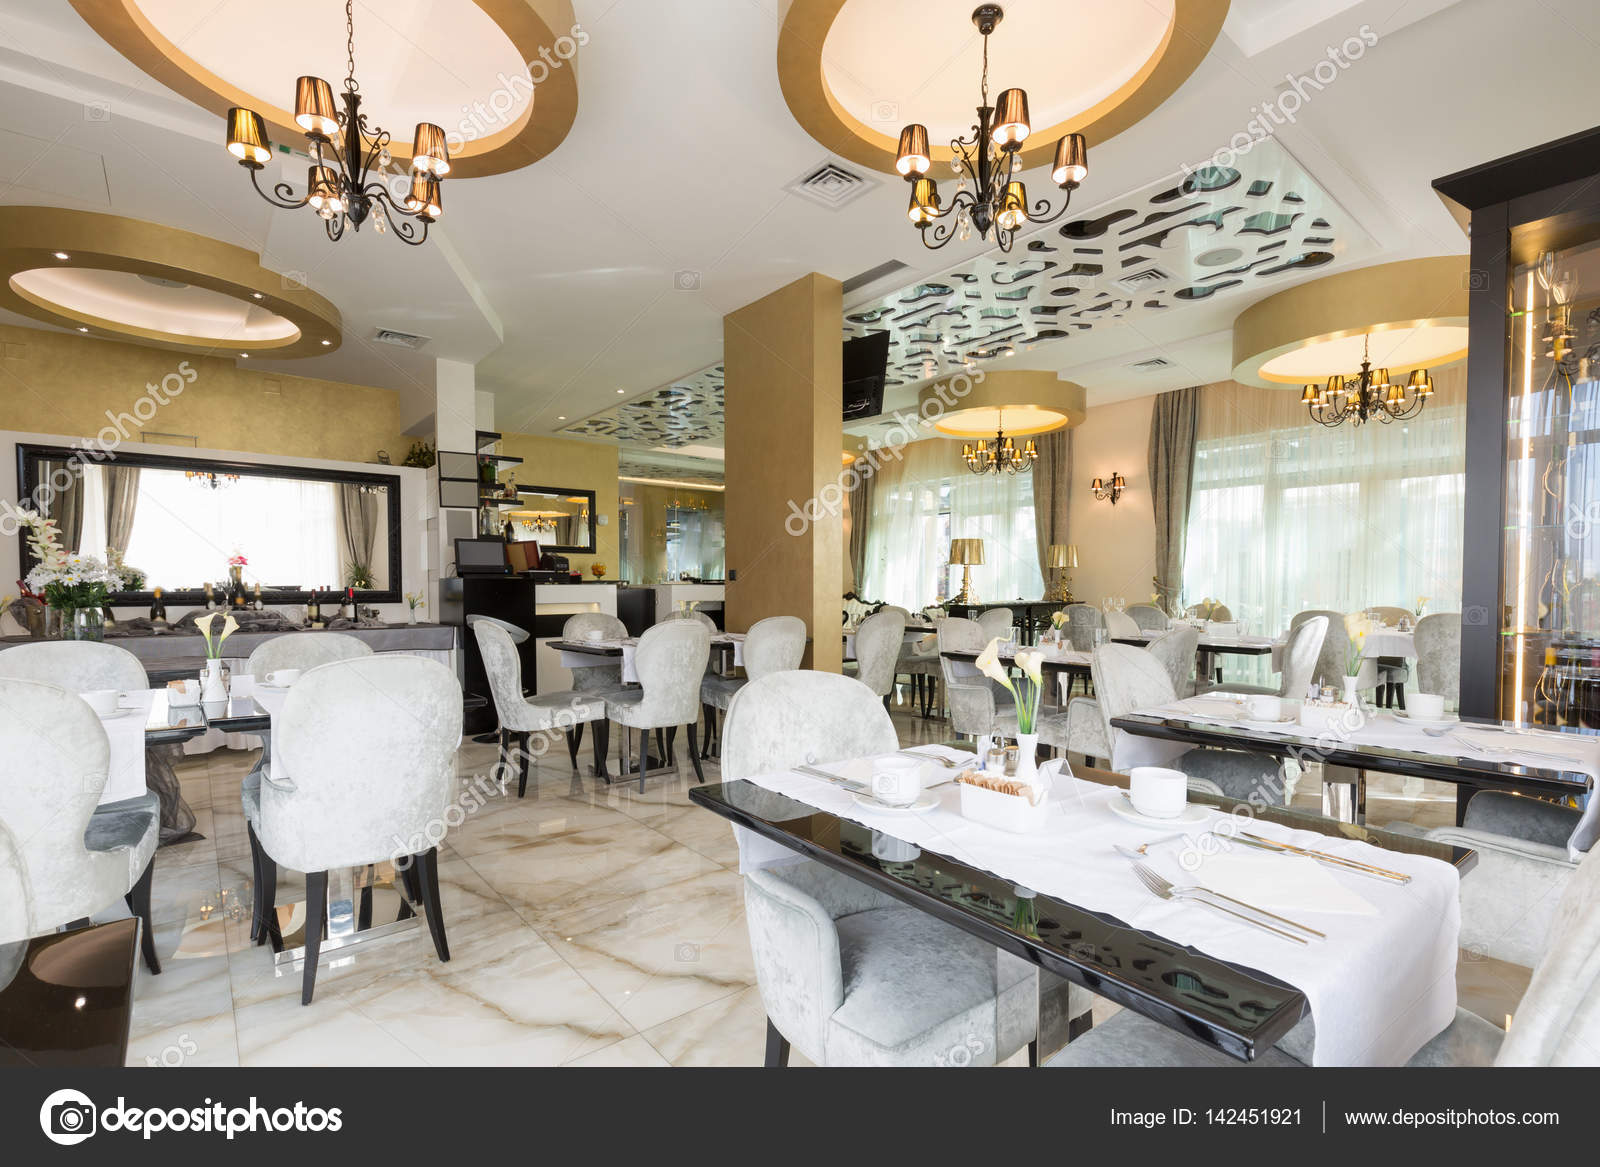 Hotel Di Lusso Interni : Interni di un ristorante di hotel di lusso moderno u foto stock